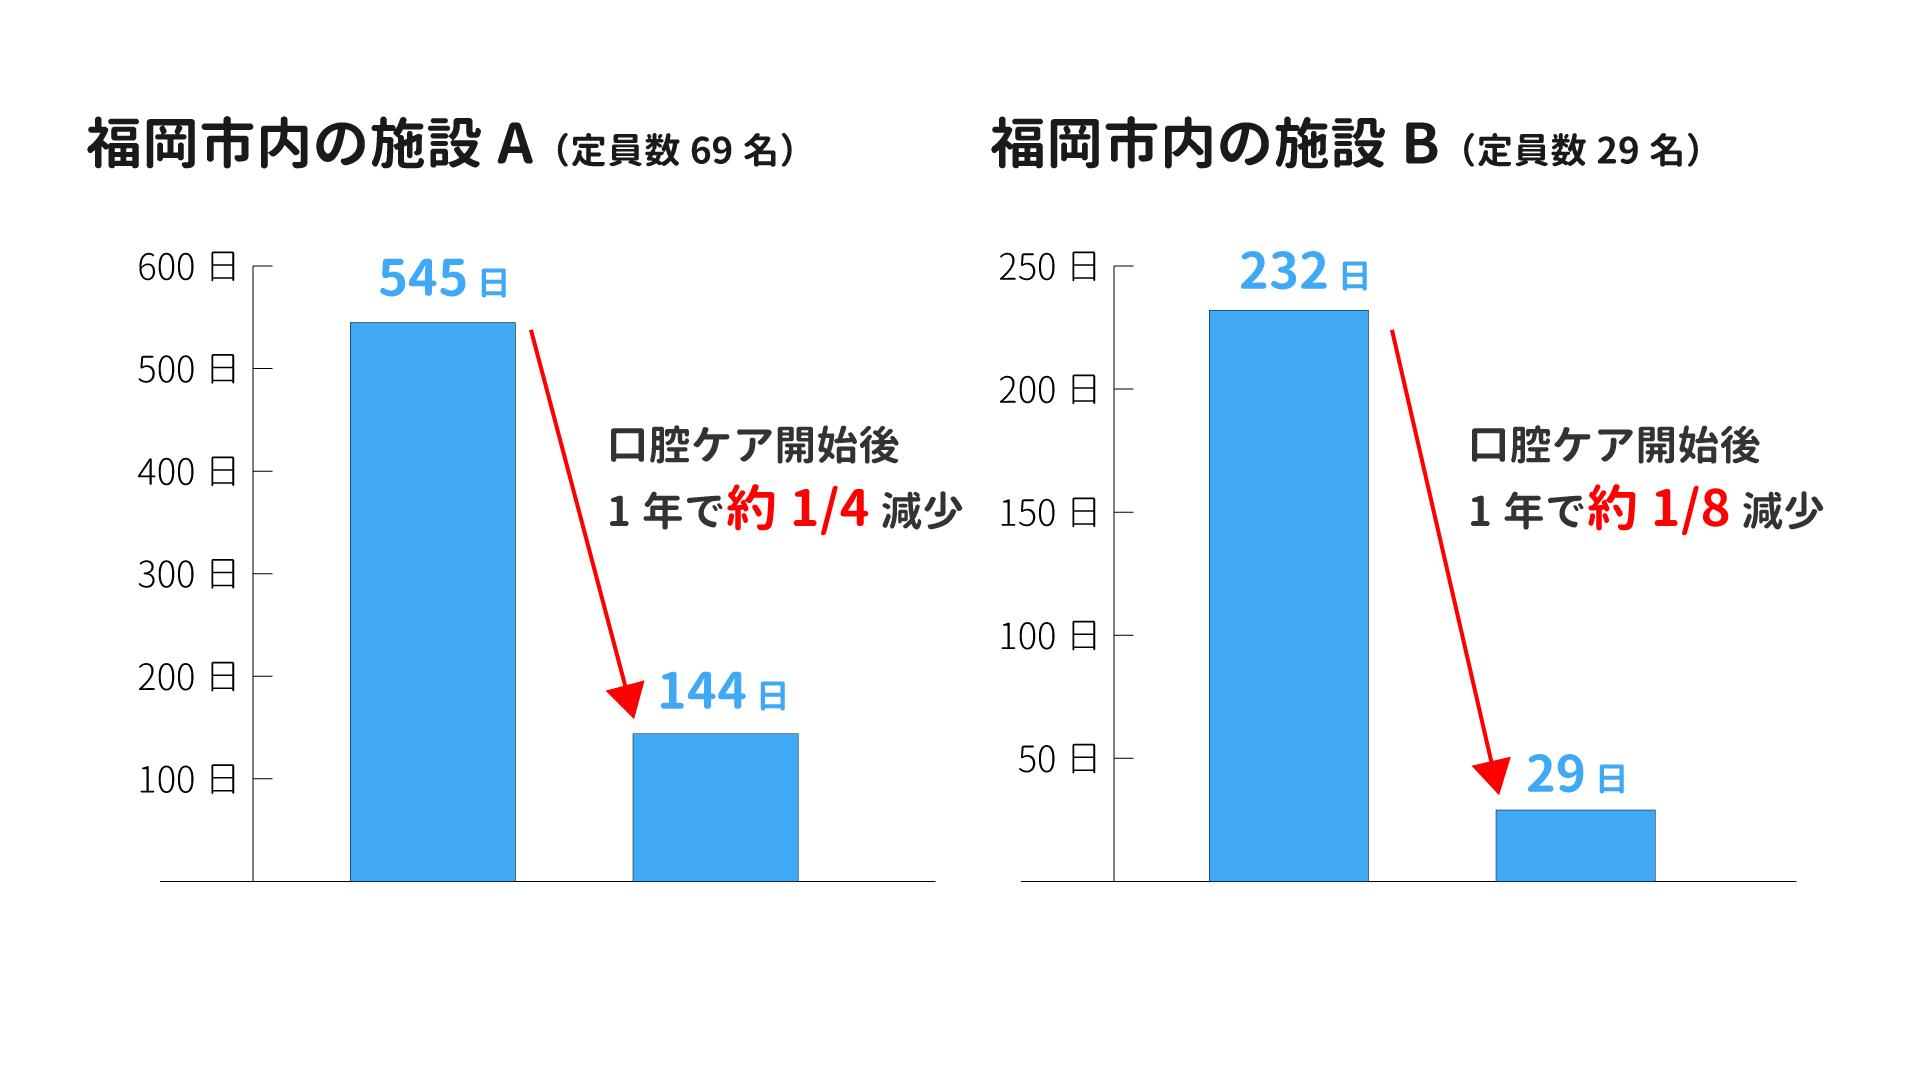 「誤嚥性肺炎ゼロプロジェクト」による実績(実施期間平成29年4月~令和2年3月)